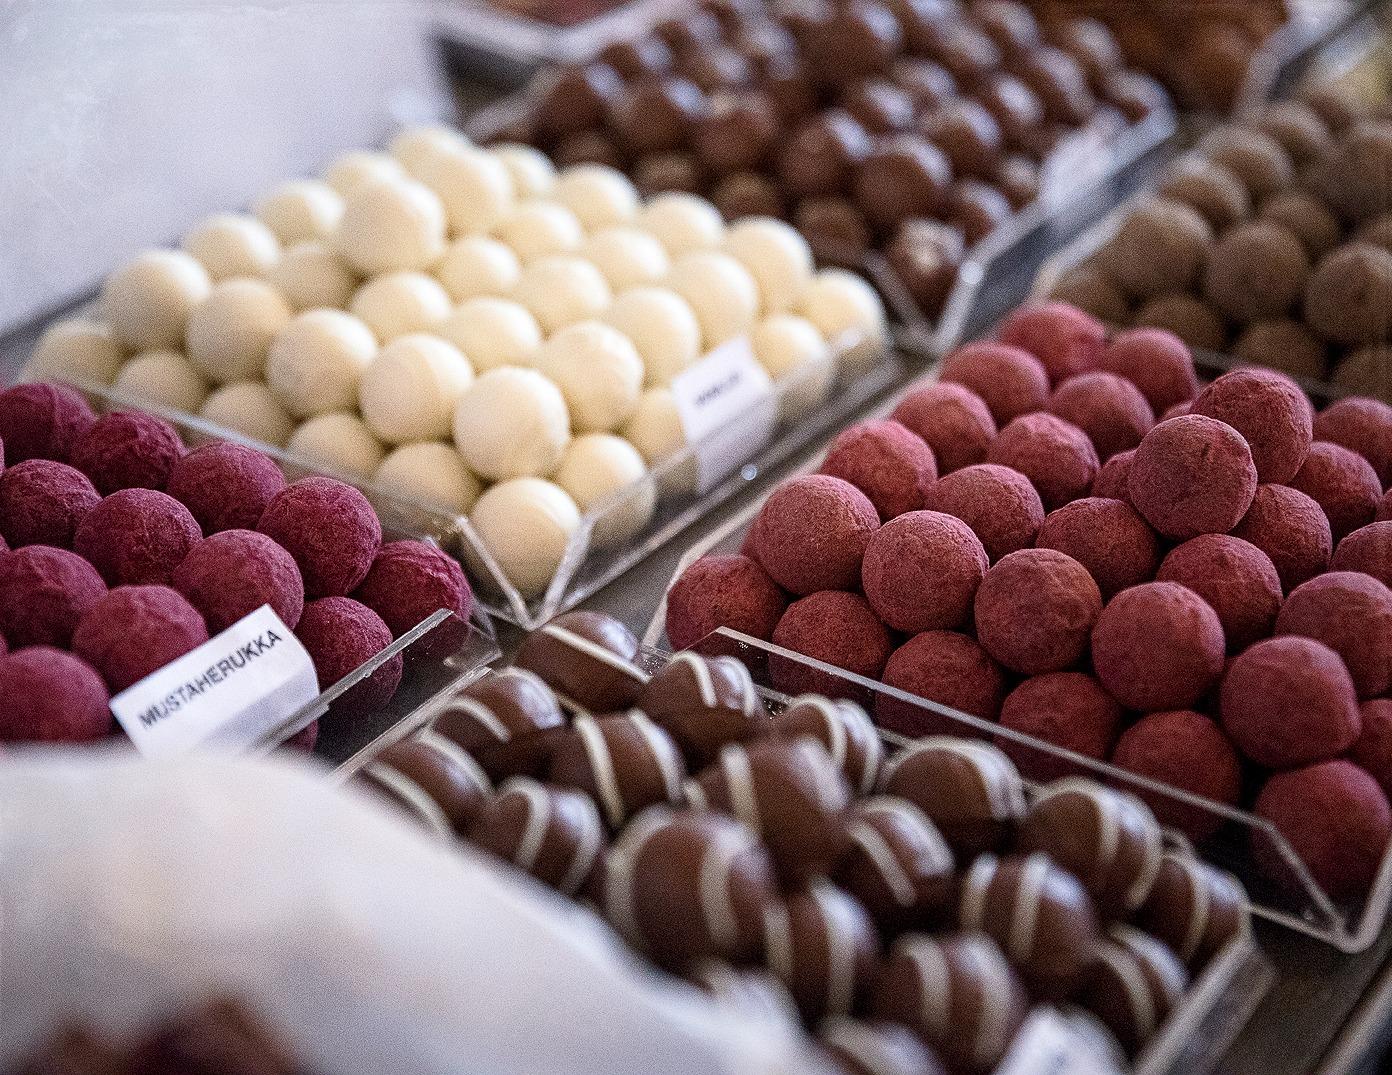 Parolan asema, joulumarkkinat, joulu, myyjäiset, markkinat, Visualaddict, Frida S Visuals, valokuvaaja Frida Steiner, suklaa, käsintehty suklaa, Petri´s Chocolateroom, suklaakonvehdit